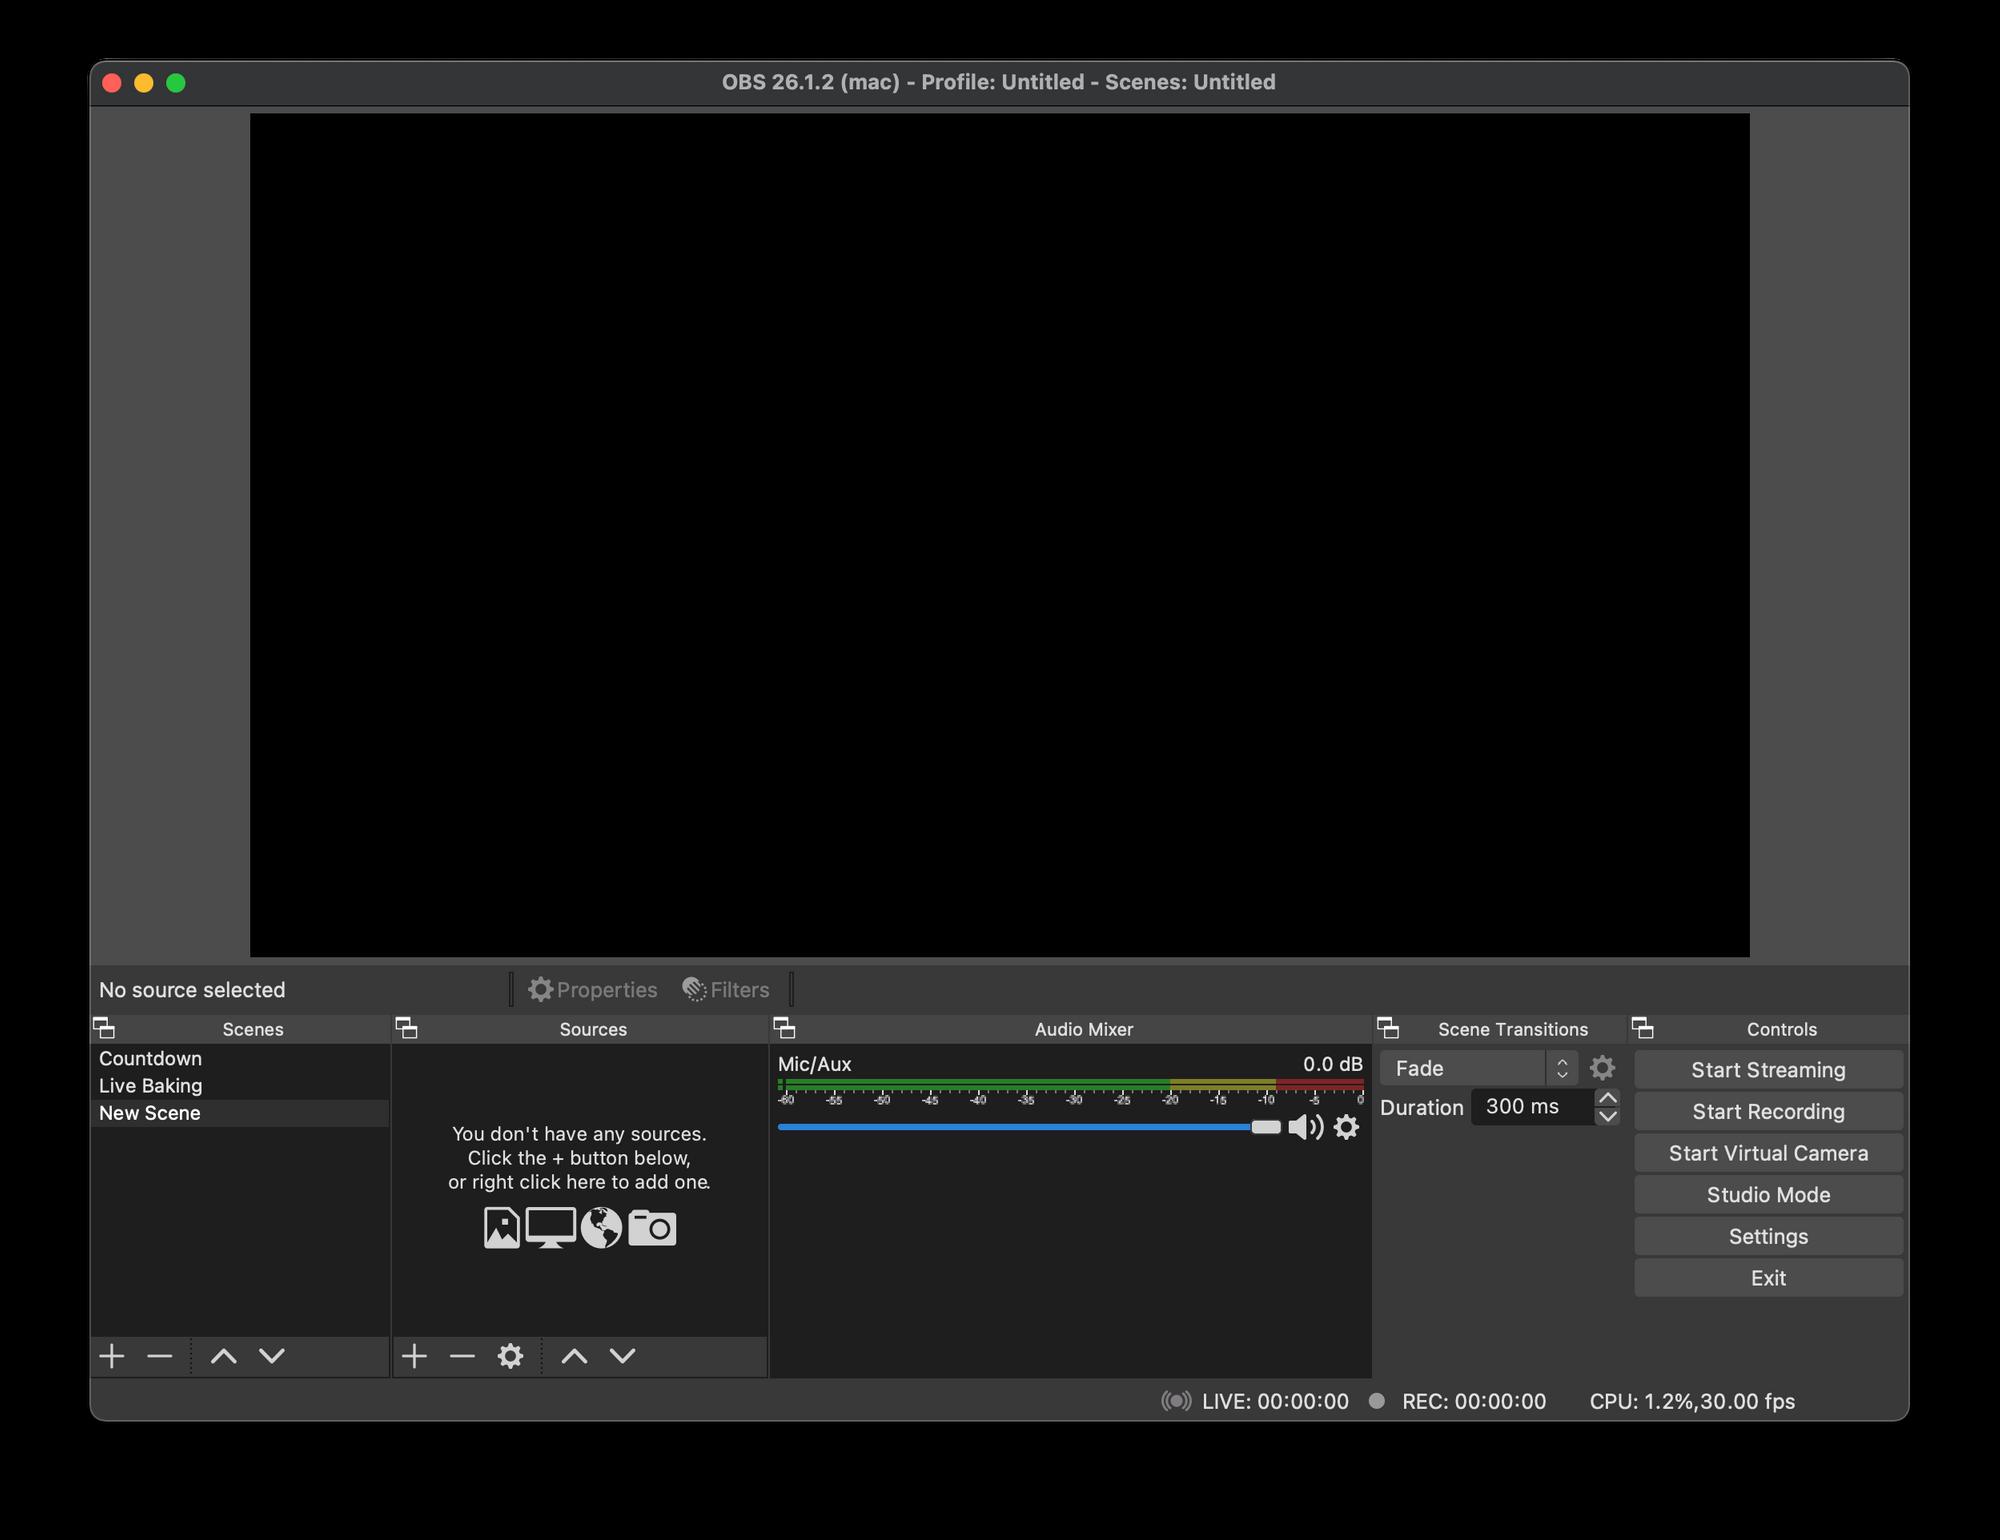 OBS Main Screen